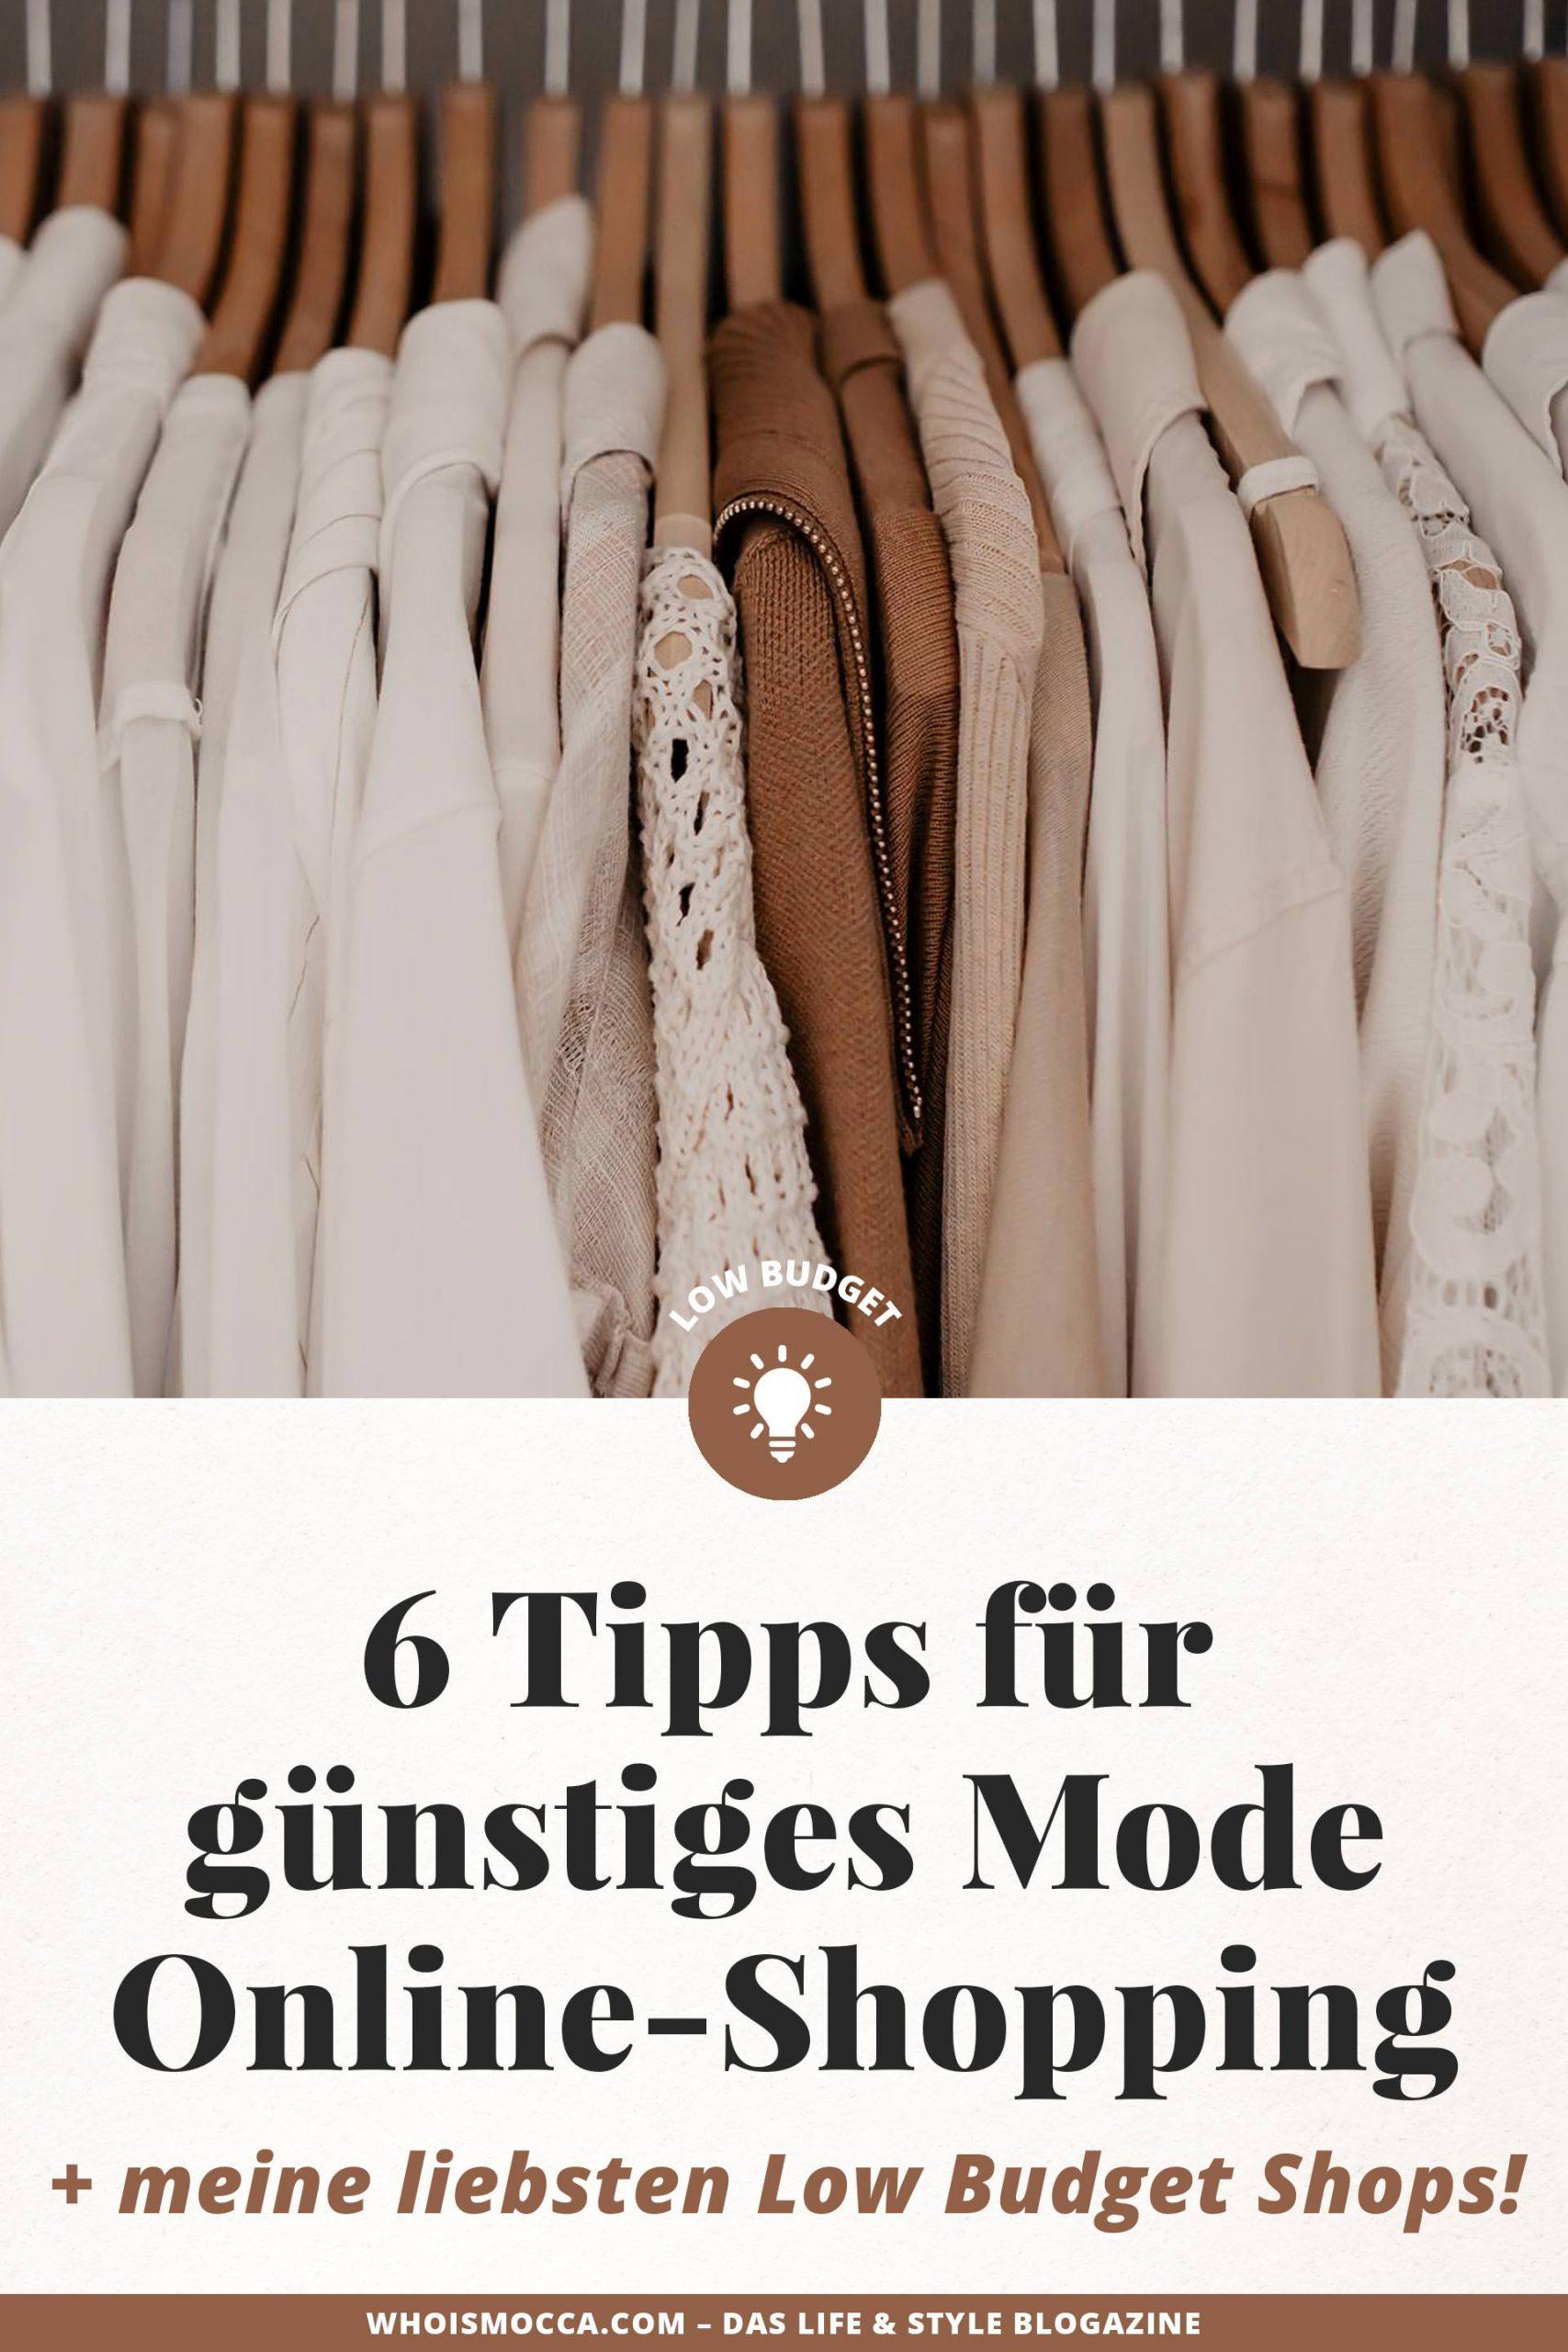 13 Elegant Kleidung Online Shop BoutiqueDesigner Ausgezeichnet Kleidung Online Shop Stylish